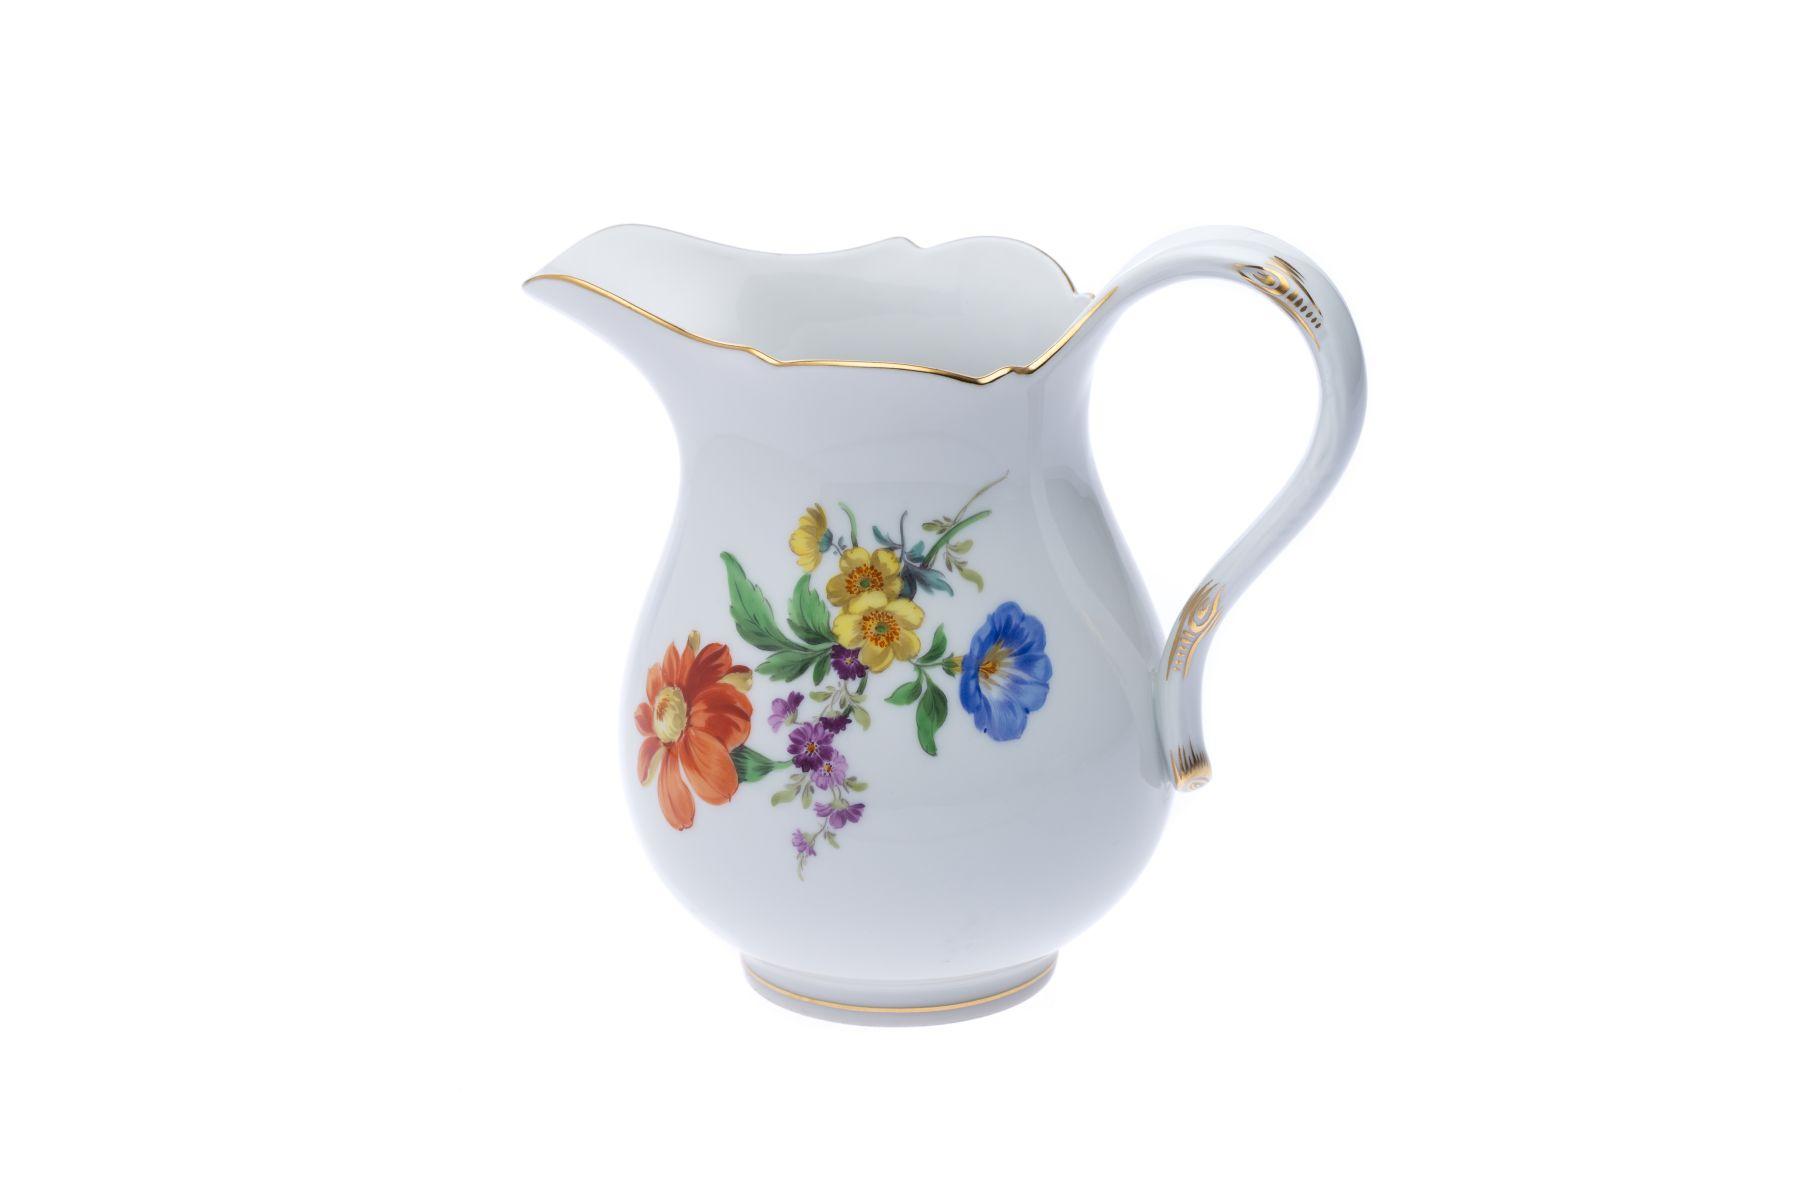 """Meissen Kaffeeservice """"3 Blumen"""" 22 teilig - Bild 13 aus 15"""